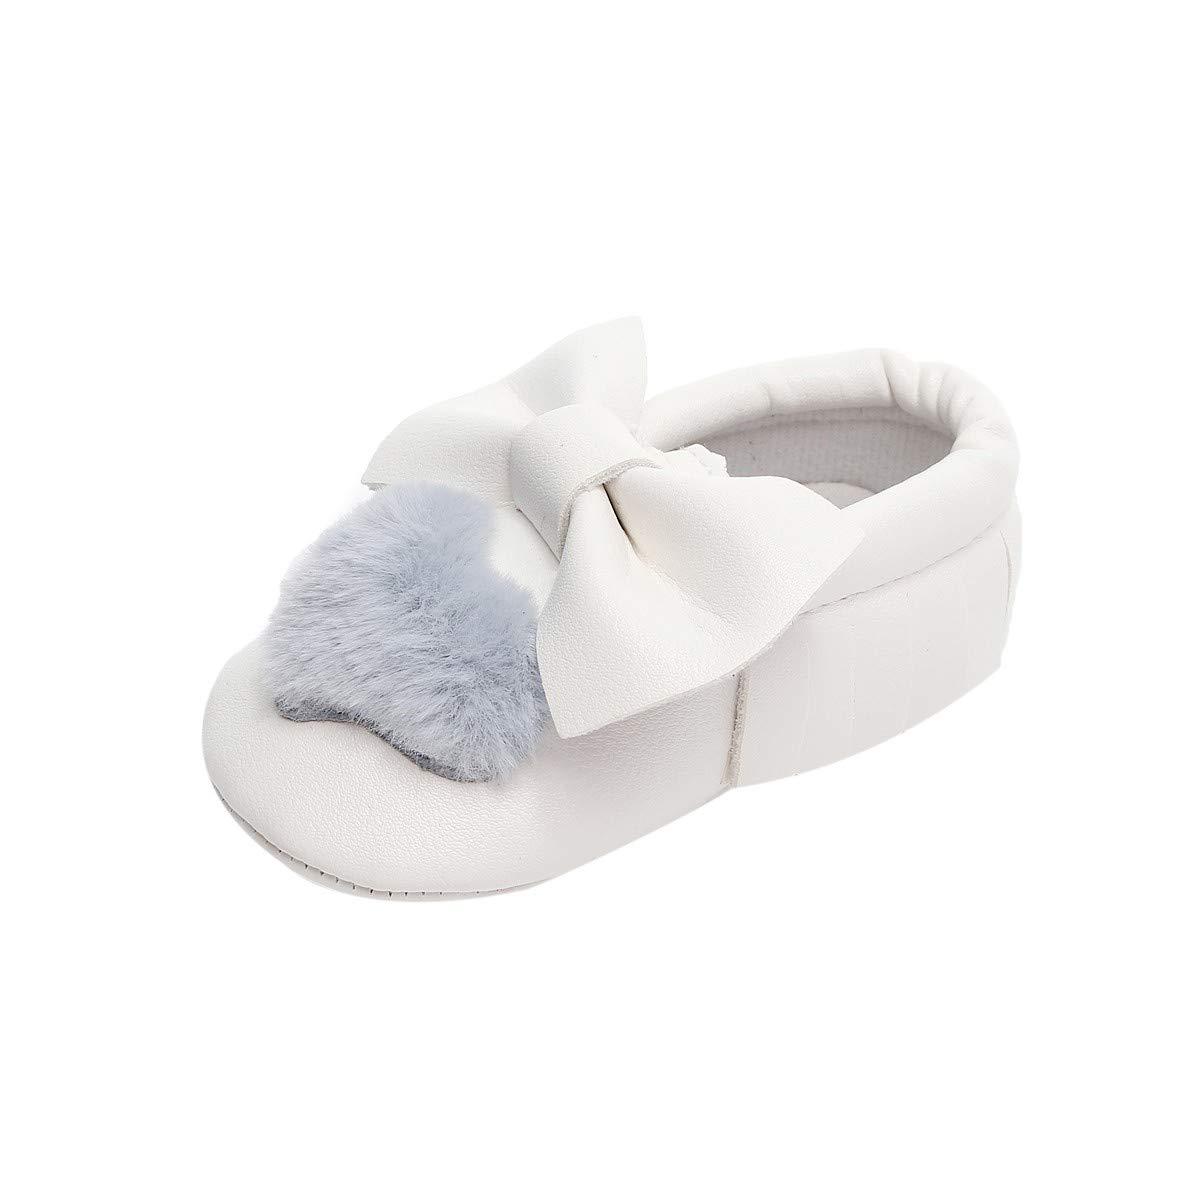 EG/_ Toddler Baby Girl Rabbit Soft Soles Anti-Slip Prewalker Crib Shoes Gift Calm